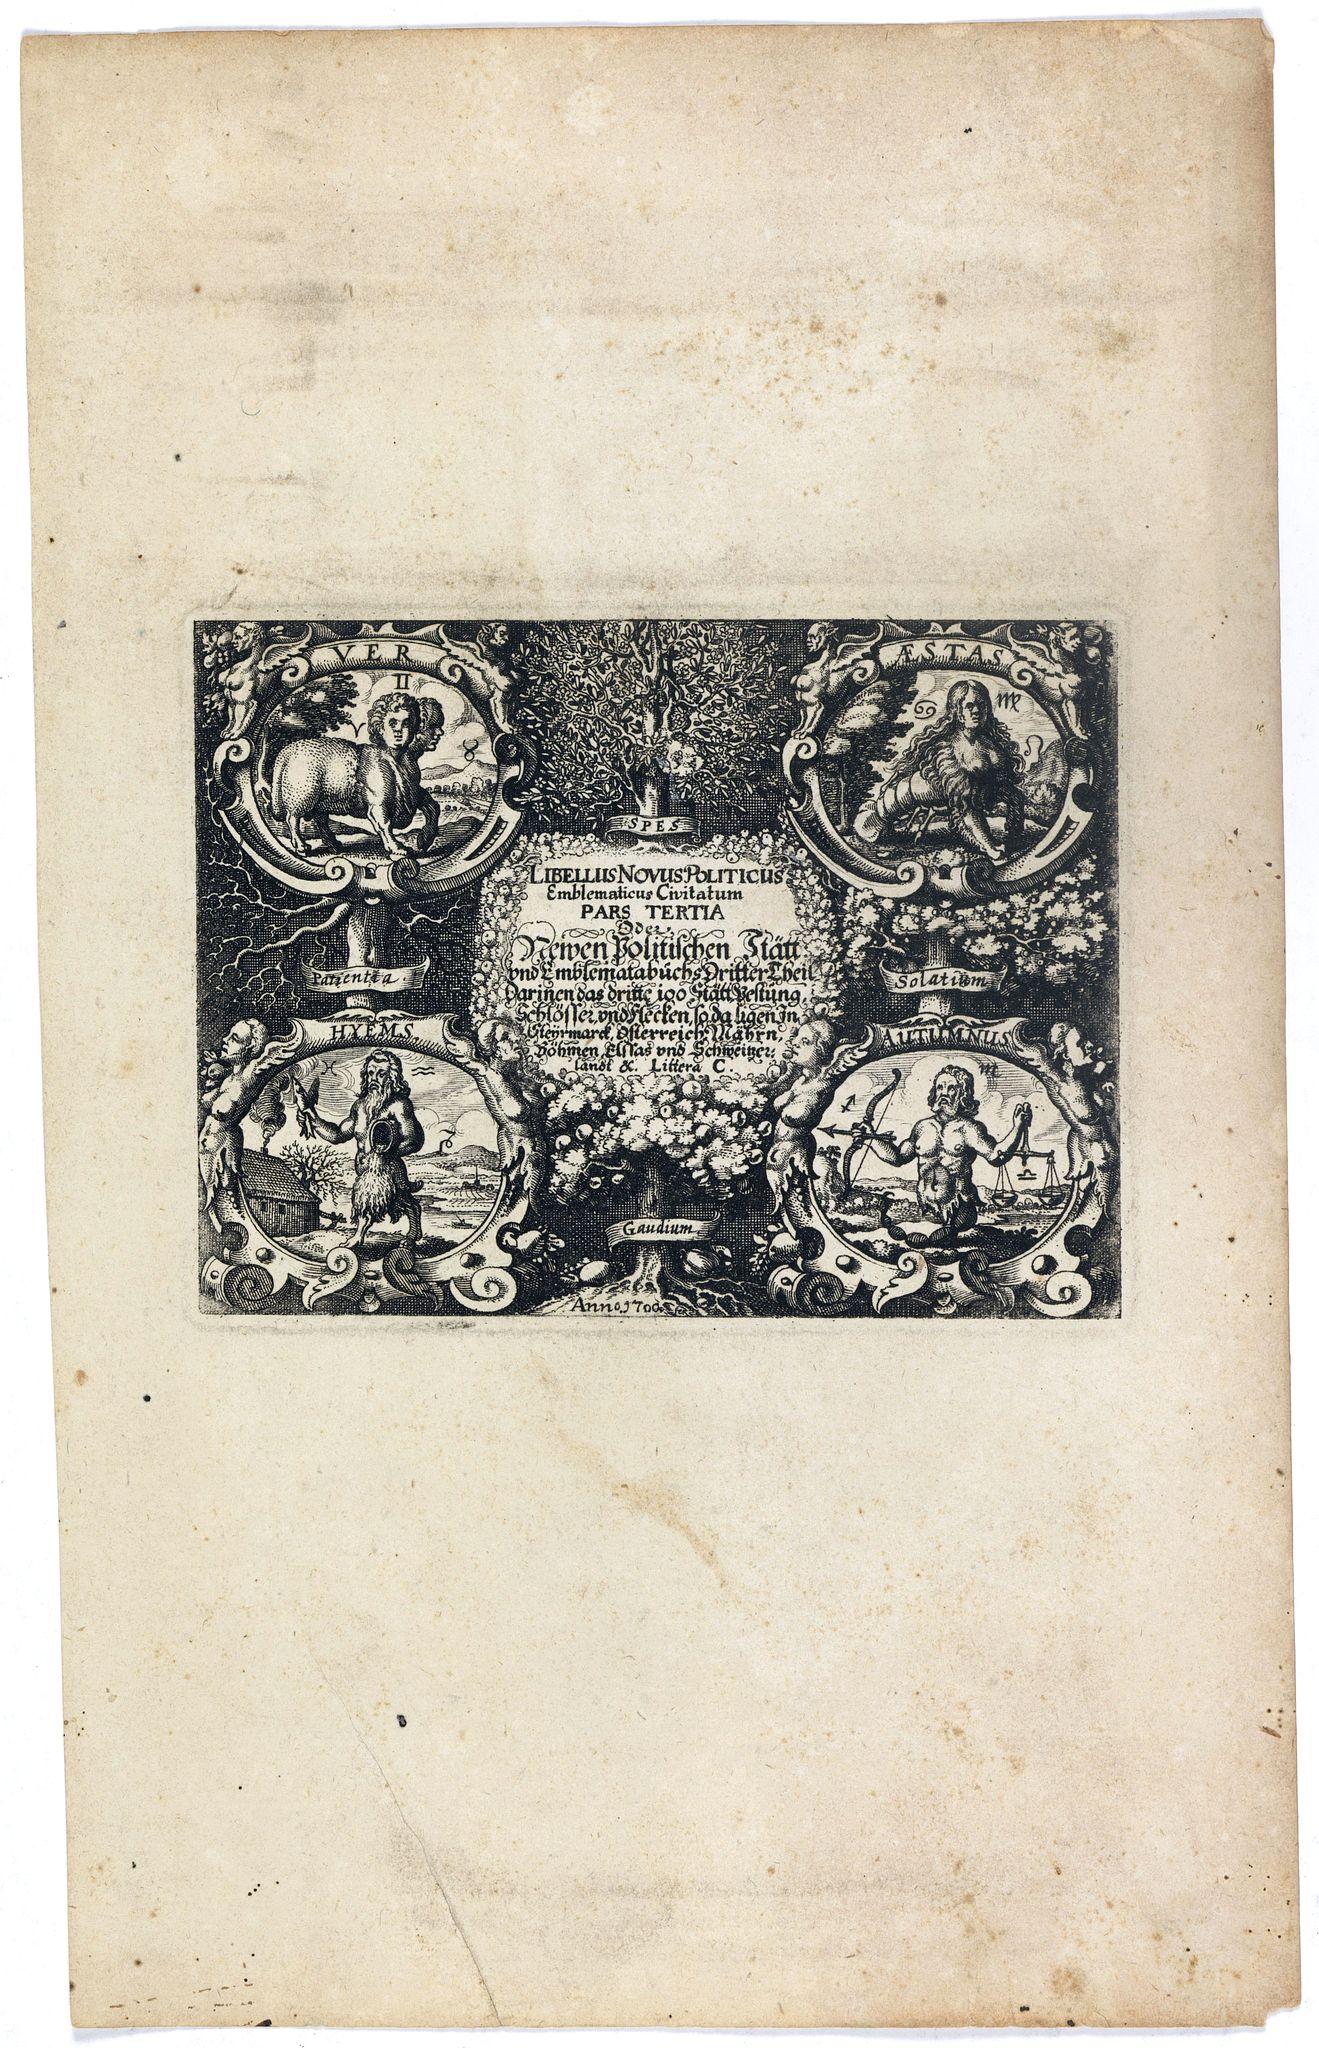 MEISNER, D. -  [Title page] Libellus Novus Politicus.. Pars Tertia.